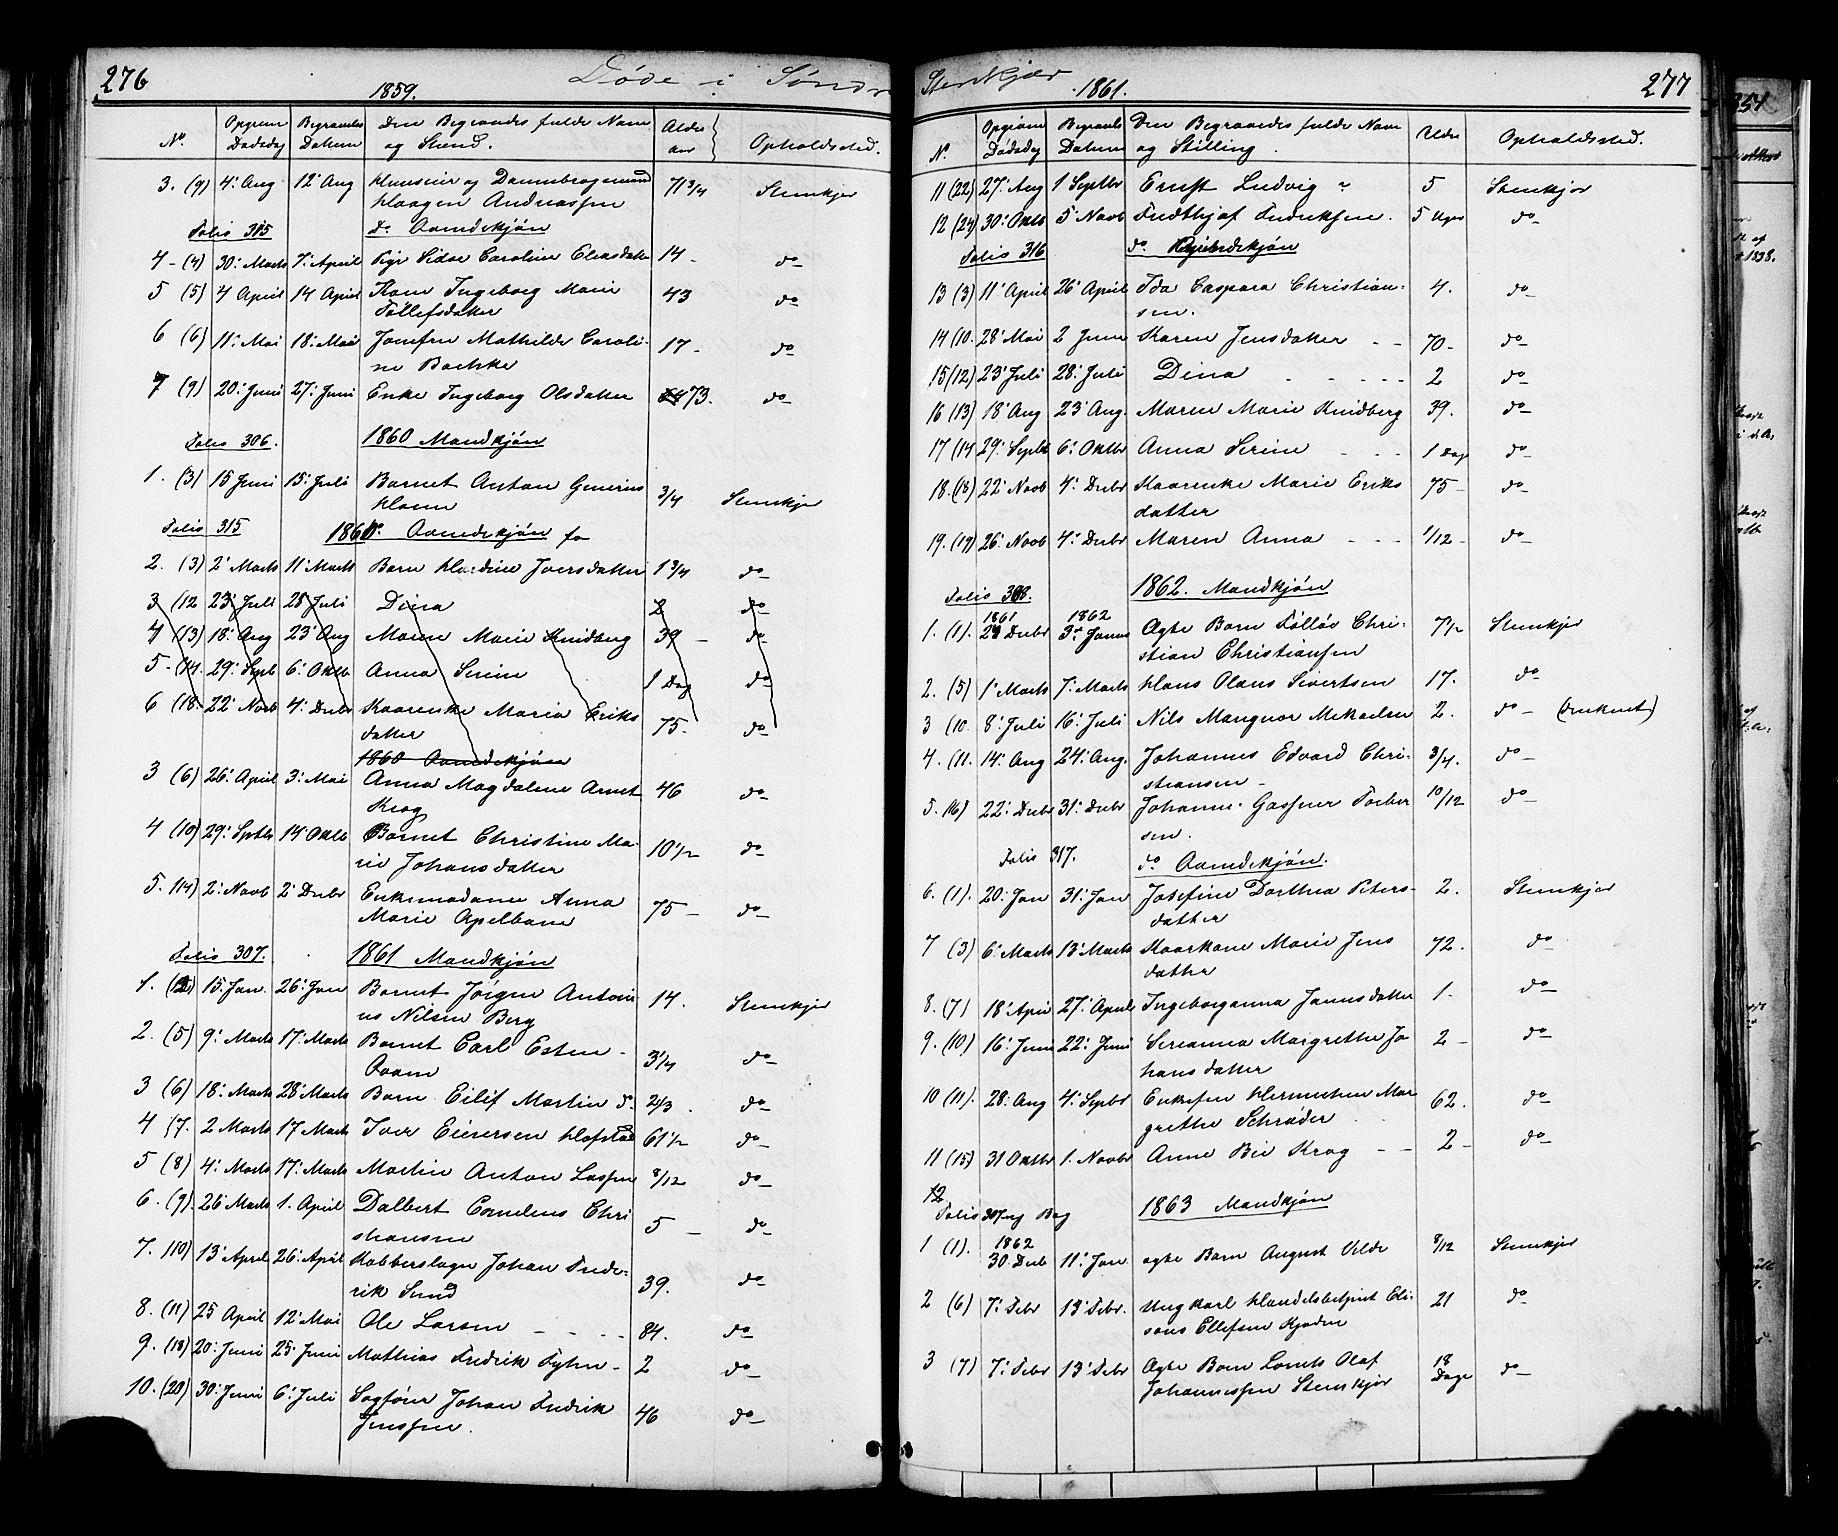 SAT, Ministerialprotokoller, klokkerbøker og fødselsregistre - Nord-Trøndelag, 739/L0367: Ministerialbok nr. 739A01 /1, 1838-1868, s. 276-277